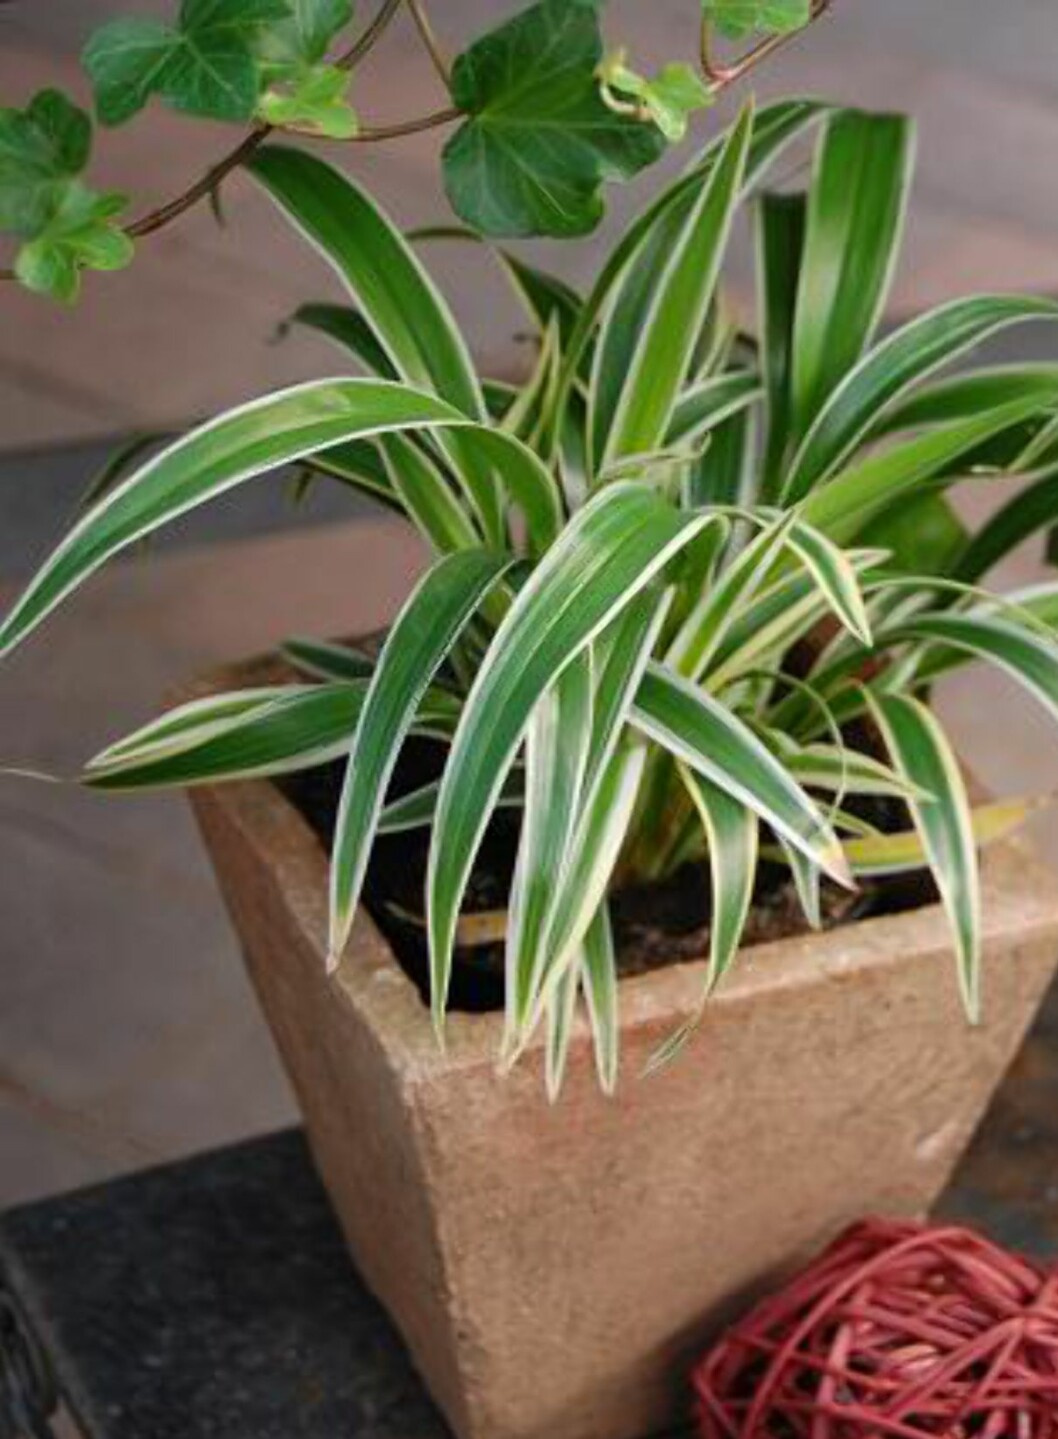 <strong><b>Grønnrenner, Chlorophytum comusum:</strong></b> Denne bladplanten går for å være evigvarende, og er som skapt for deg som er dårlig med plantestell. Den tåler de fleste lysforhold, og takler både mye og lite vann. Dersom du trenger en plante til baderommet ditt, er denne perfekt. Den skal også forbedre luftkvaliteten.  Foto: OBP